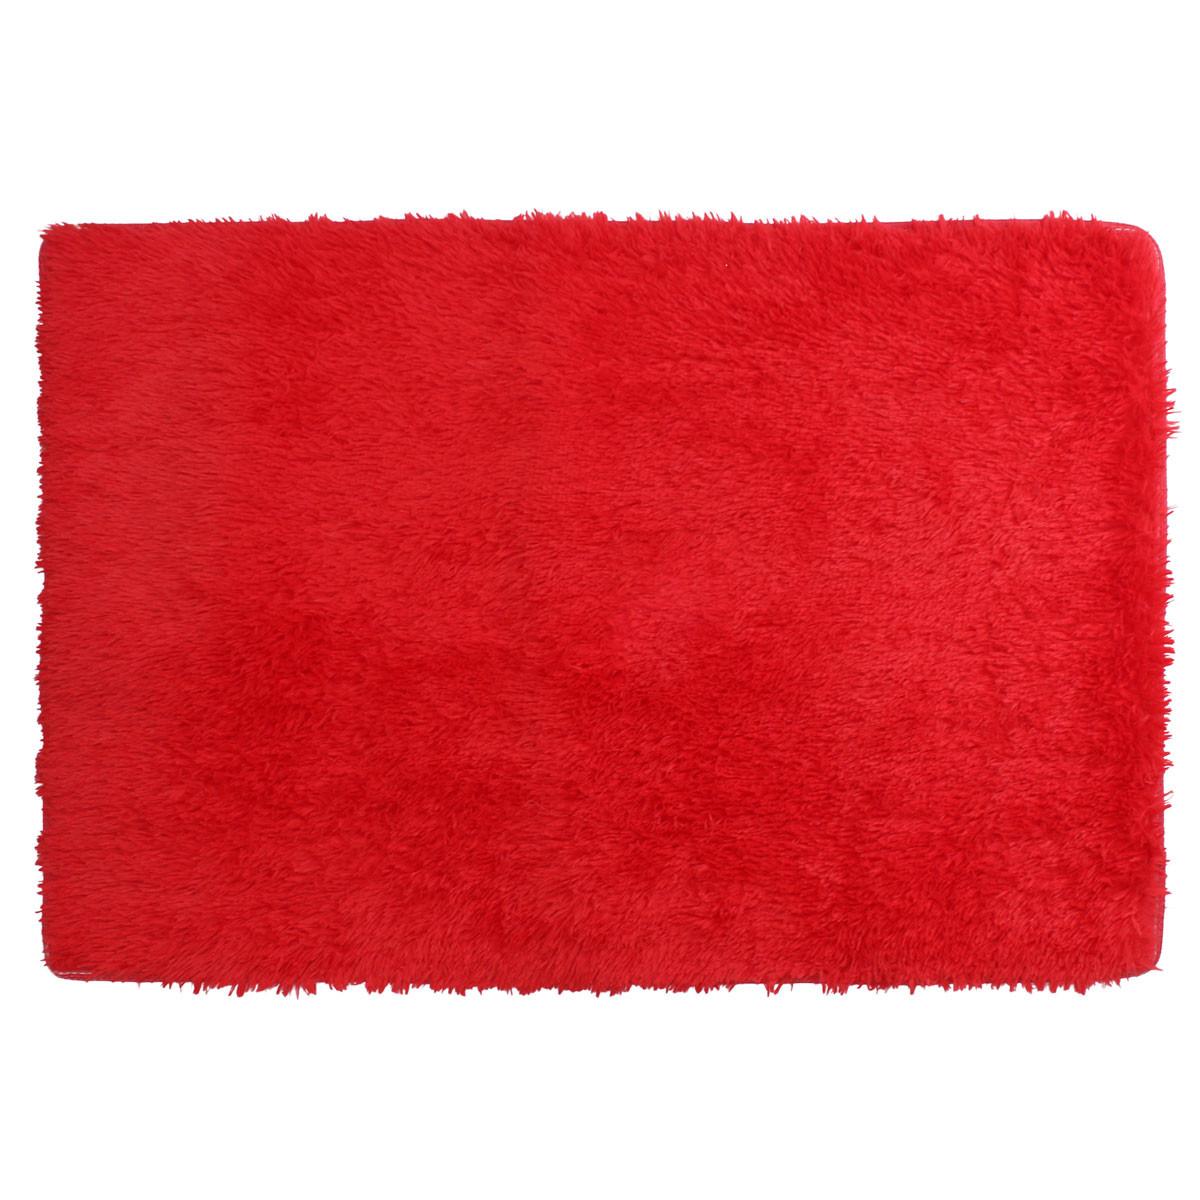 80x120cm Fluffy Anti Skid Shaggy Floor Mat Doorsill Rug Dining room Carpet Home Bedroom Floor Mat